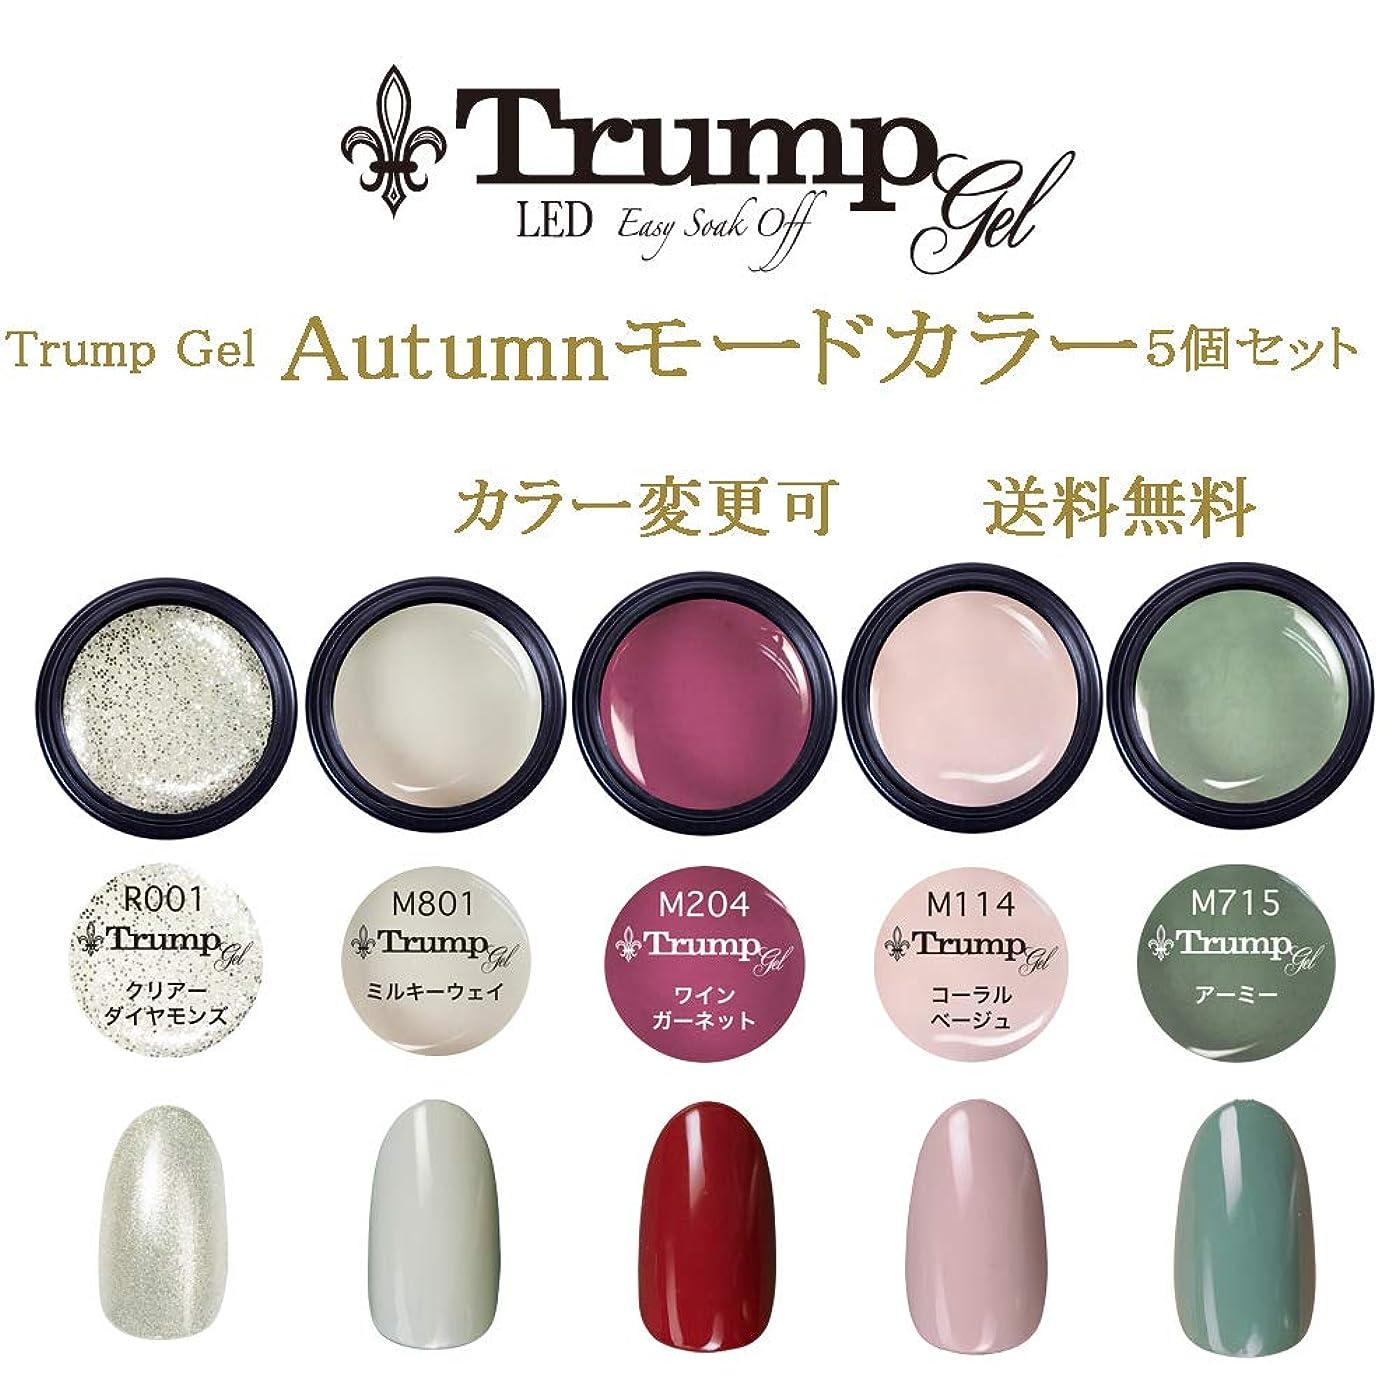 急降下一次メールを書く【送料無料】日本製 Trump gel トランプジェル オータムモード カラー 選べる カラージェル 5個セット 秋ネイル ベージュ ボルドー カーキ ラメ カラー